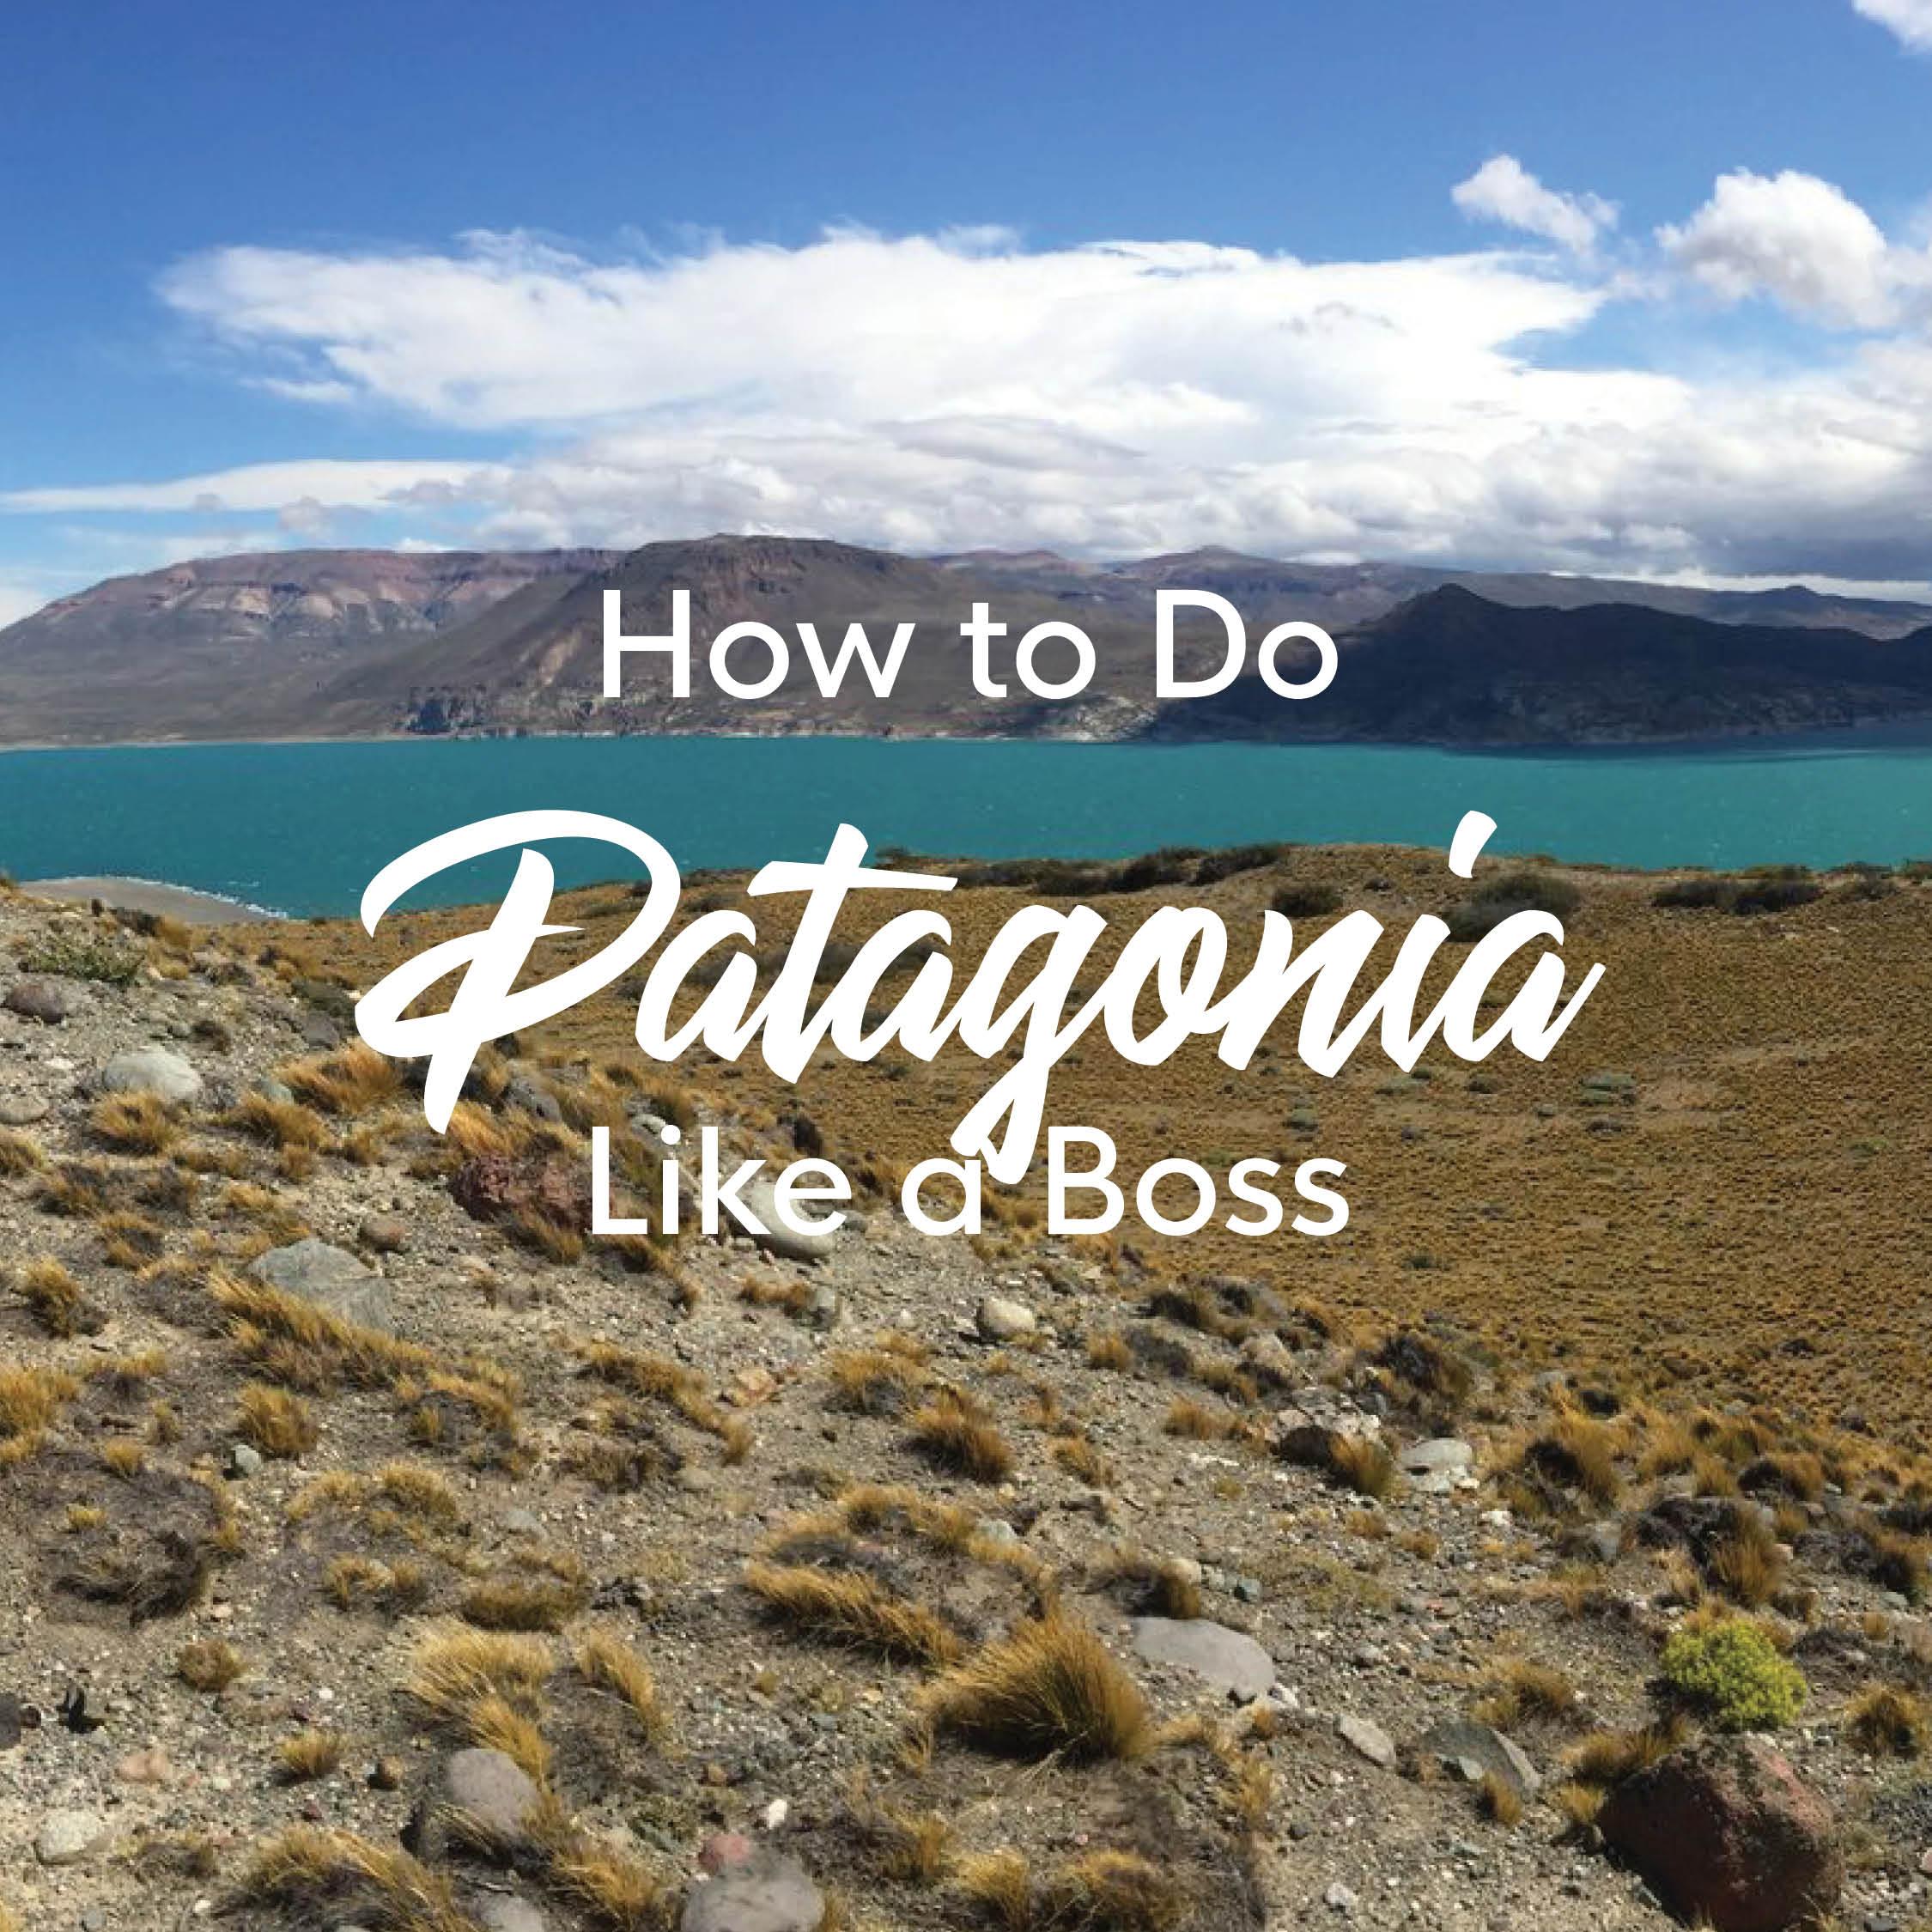 Patagonia image.jpg